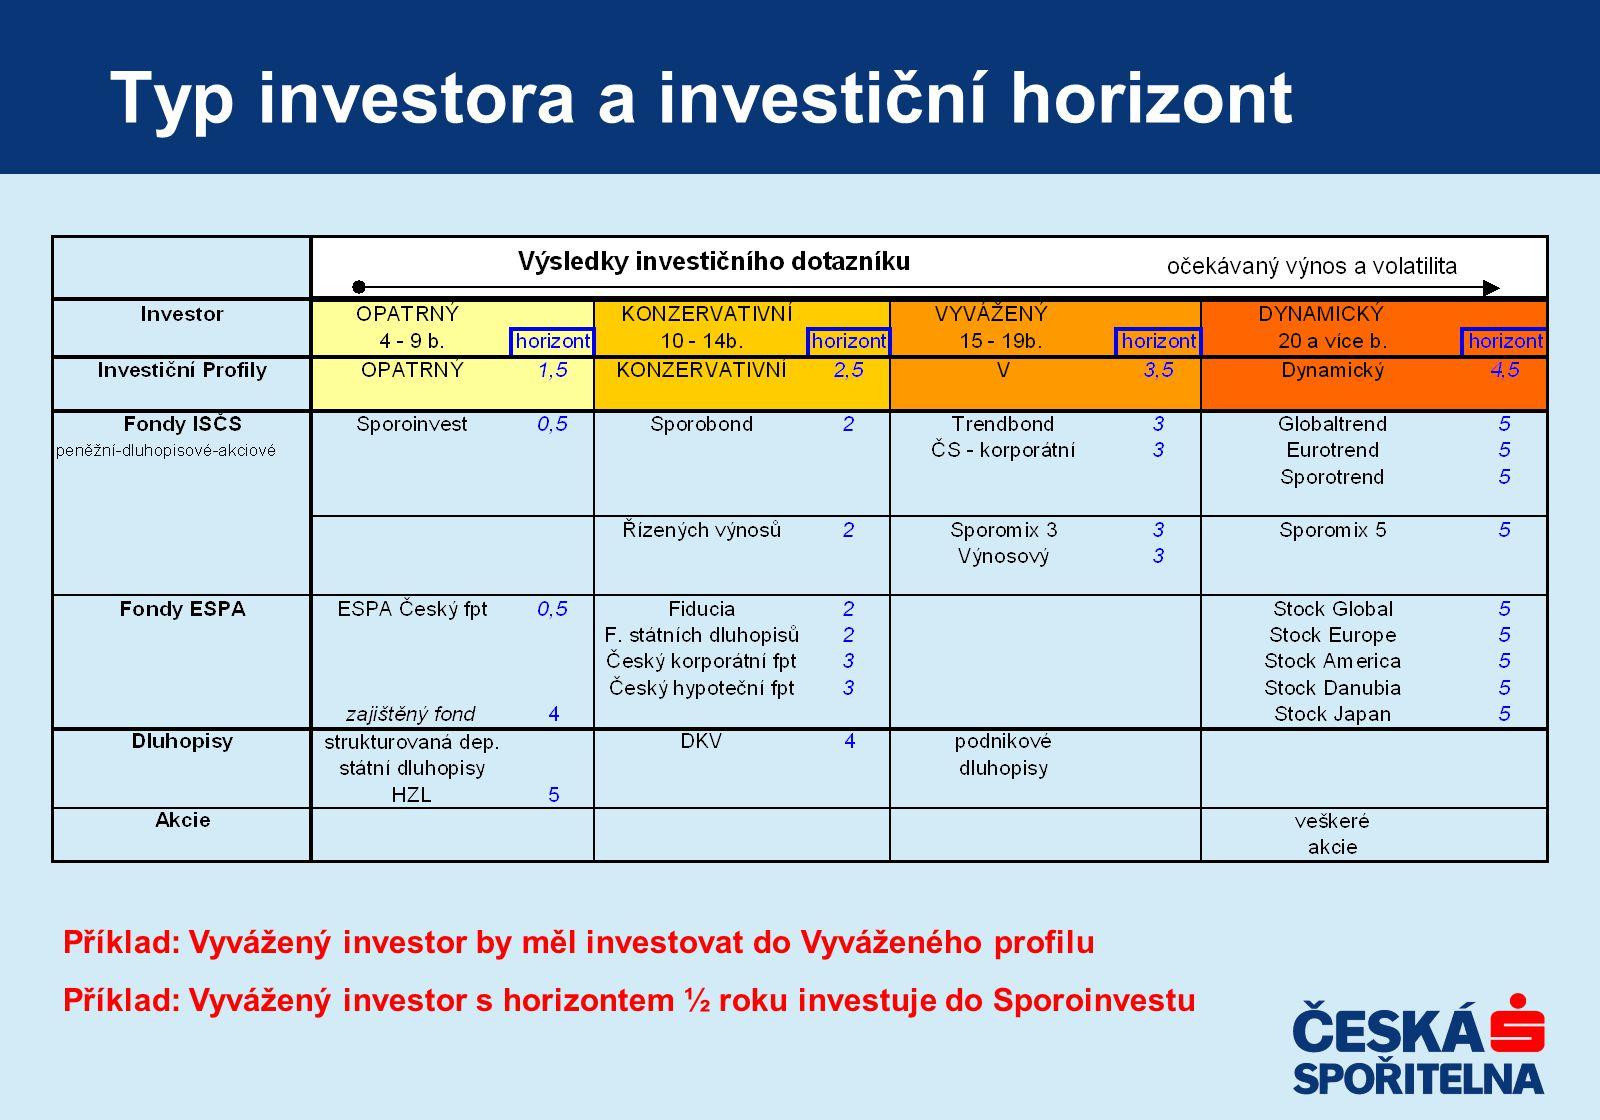 Typ investora a investiční horizont Příklad: Vyvážený investor by měl investovat do Vyváženého profilu Příklad: Vyvážený investor s horizontem ½ roku